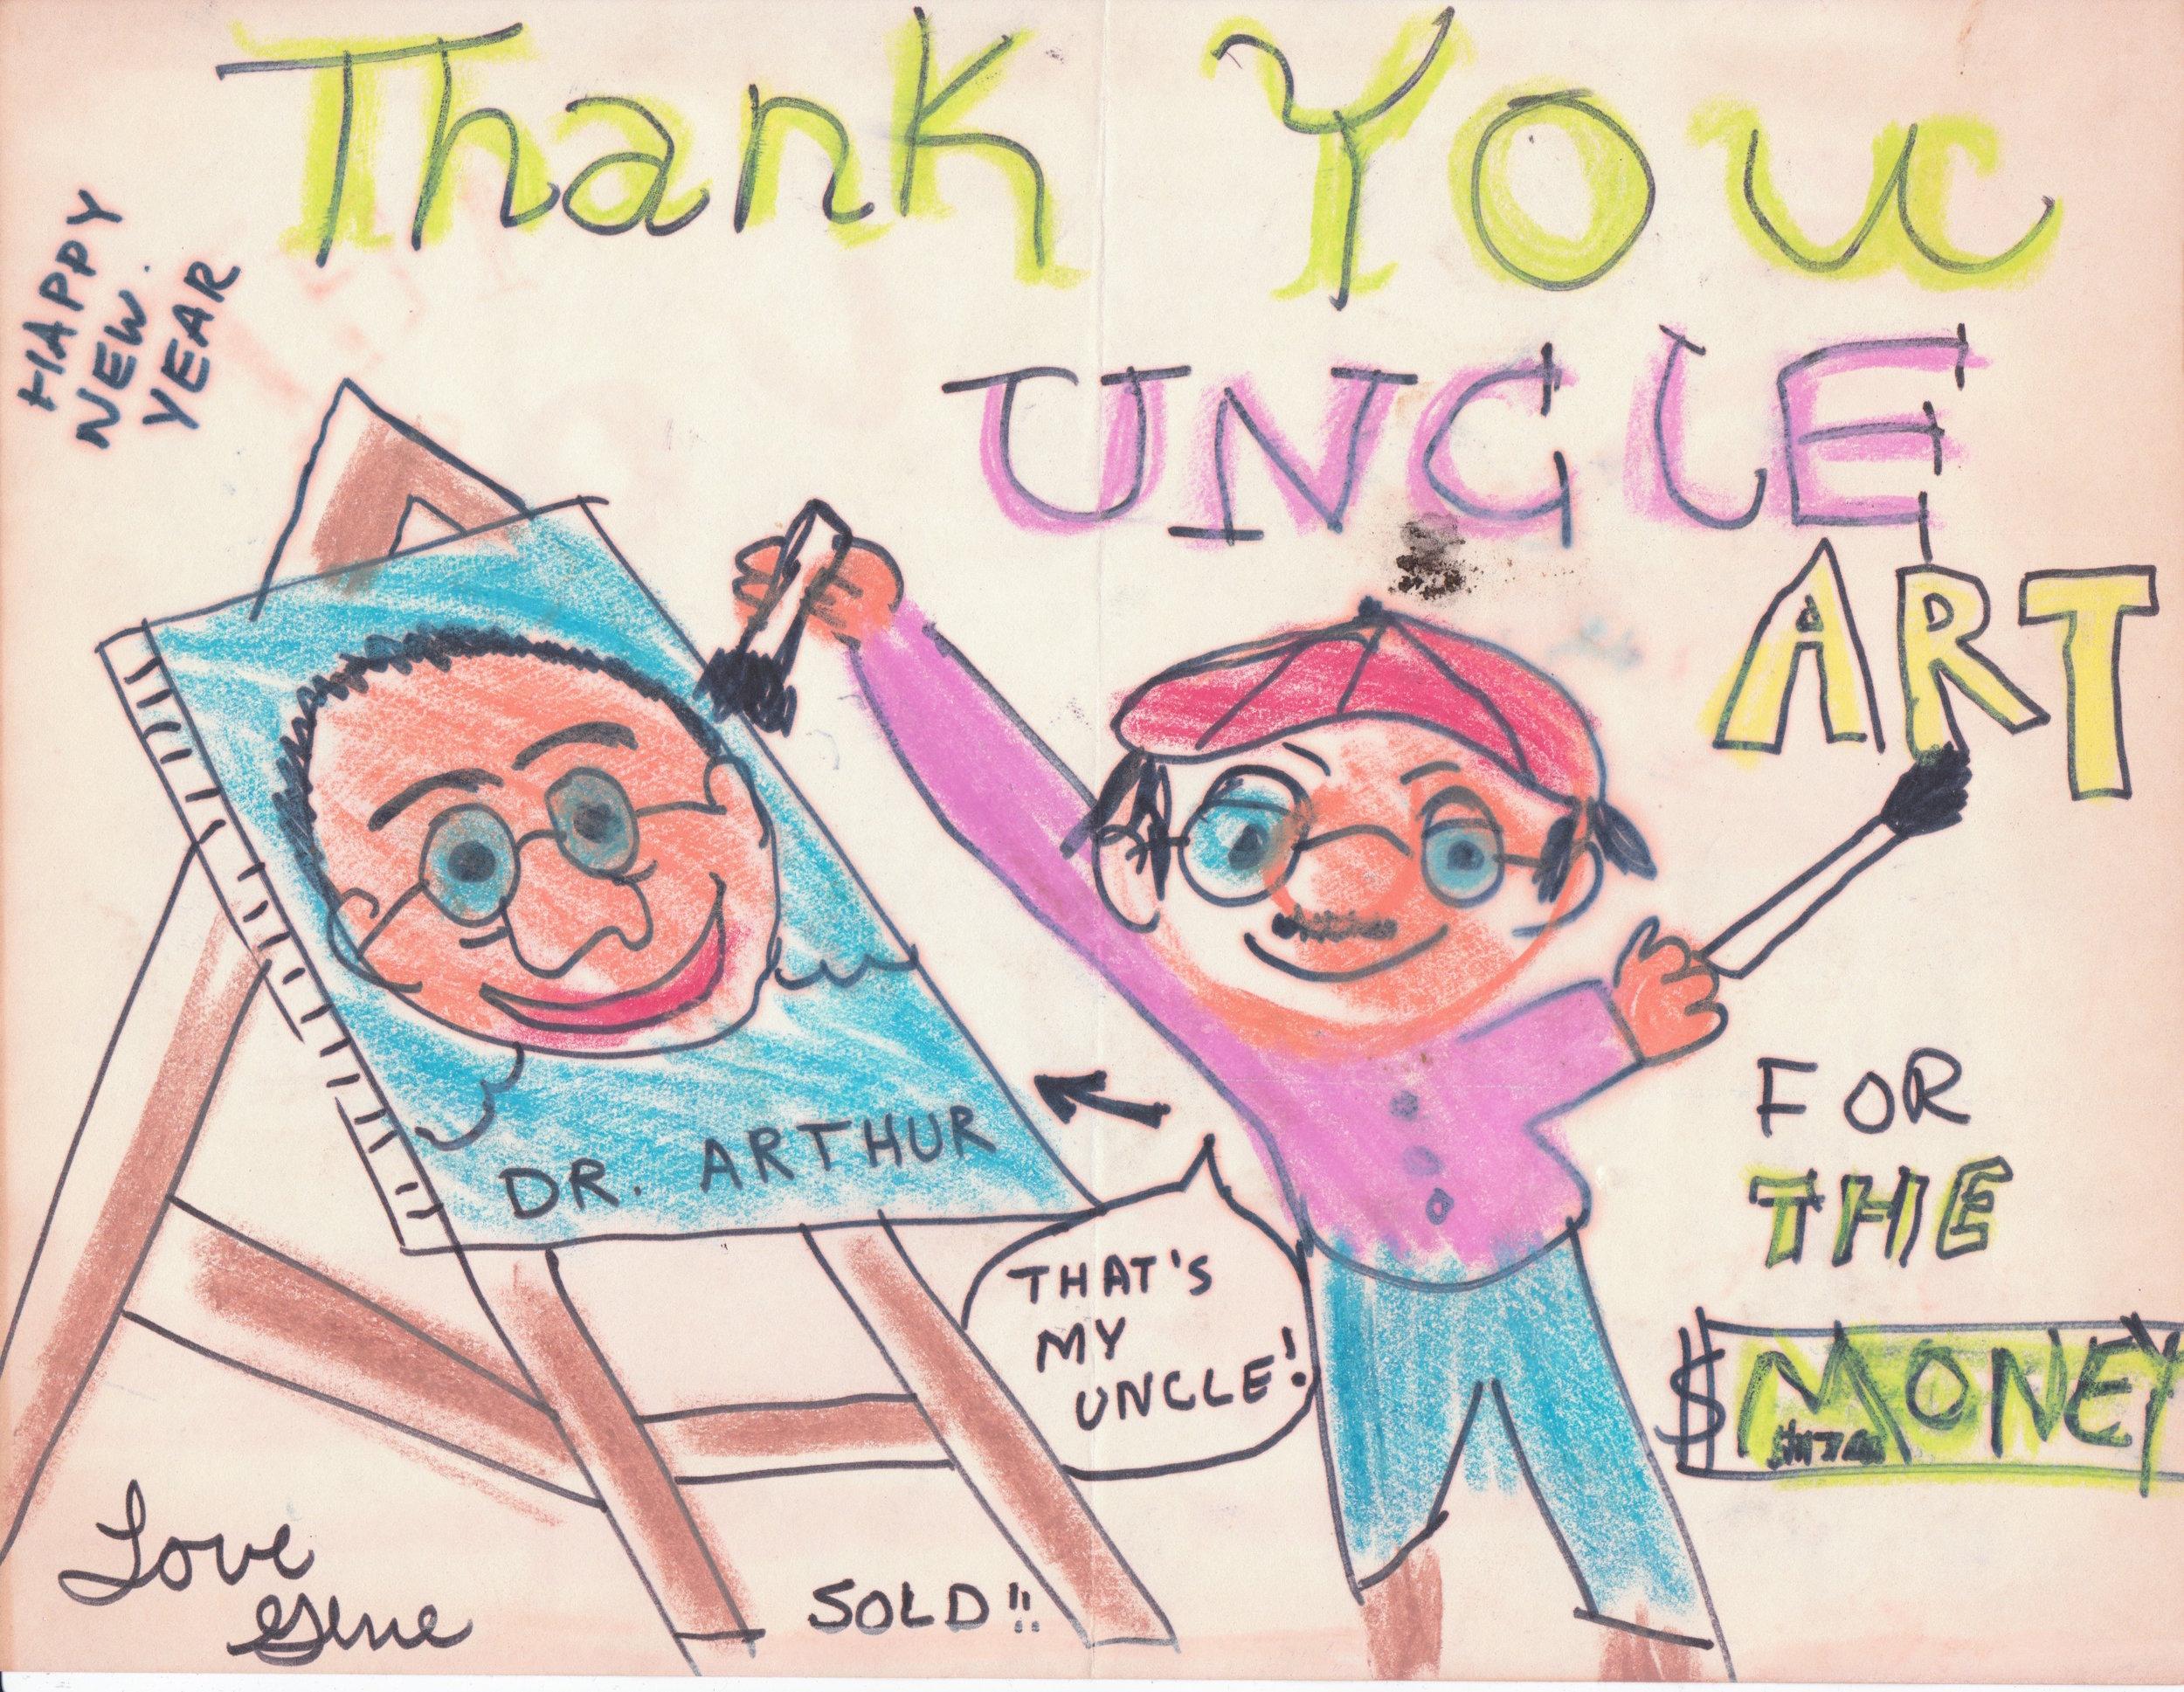 GA Letter self-portrait Uncle Art 1972.jpeg